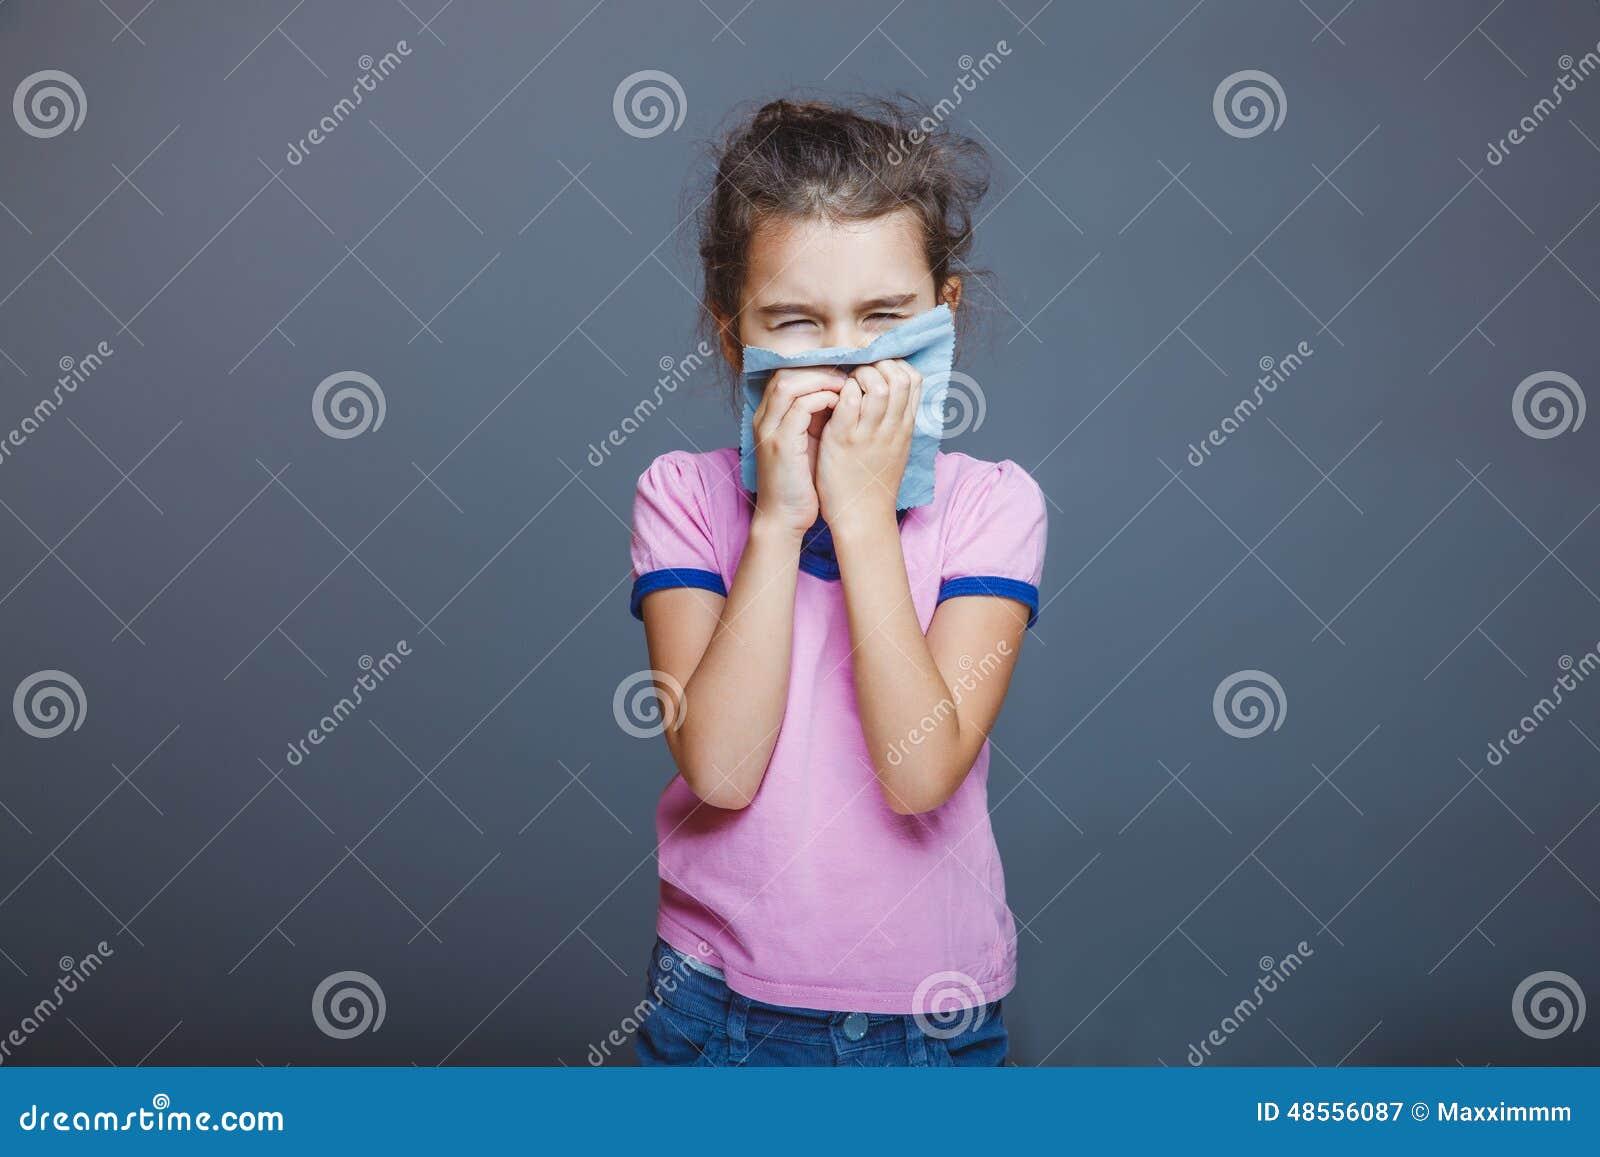 Meisje met een lopende neus gedrukte zakdoek aan haar